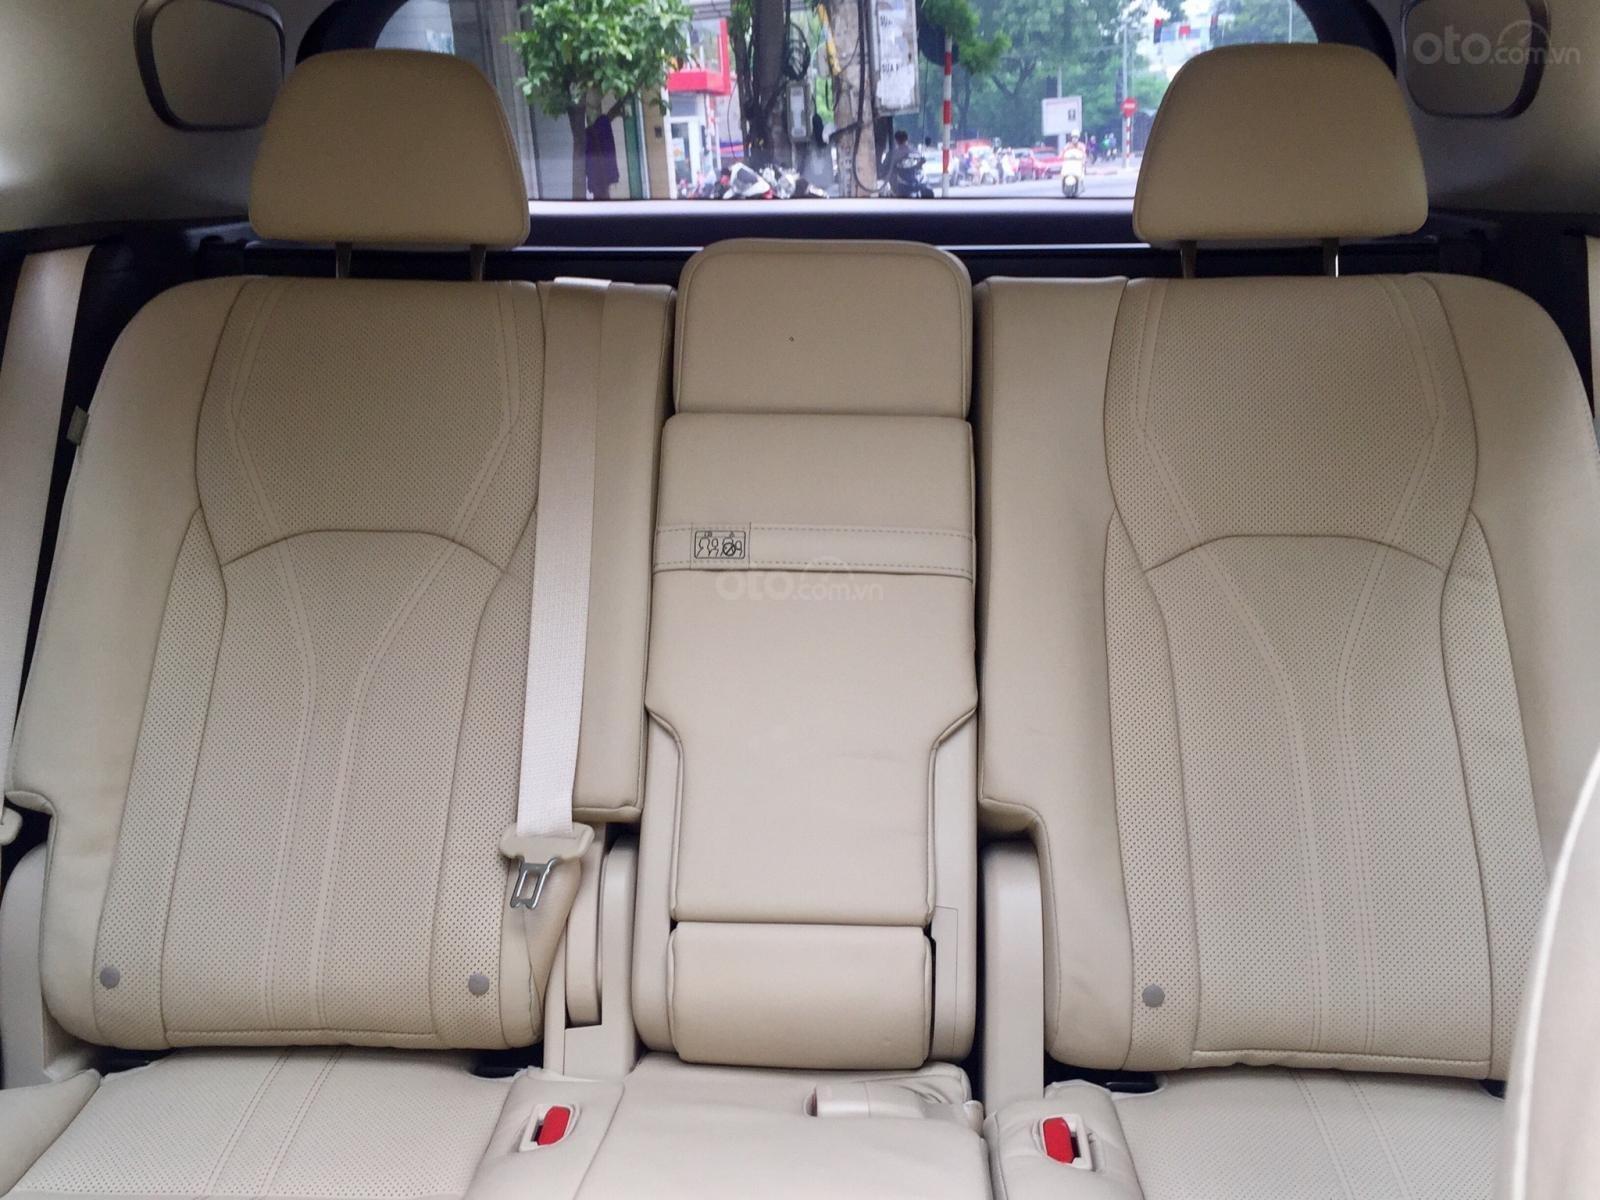 Cần bán xe Lexus RX350 2018 Luxury 05 chỗ mới, nhập Mỹ, full option. Lh 093.798.2266-23